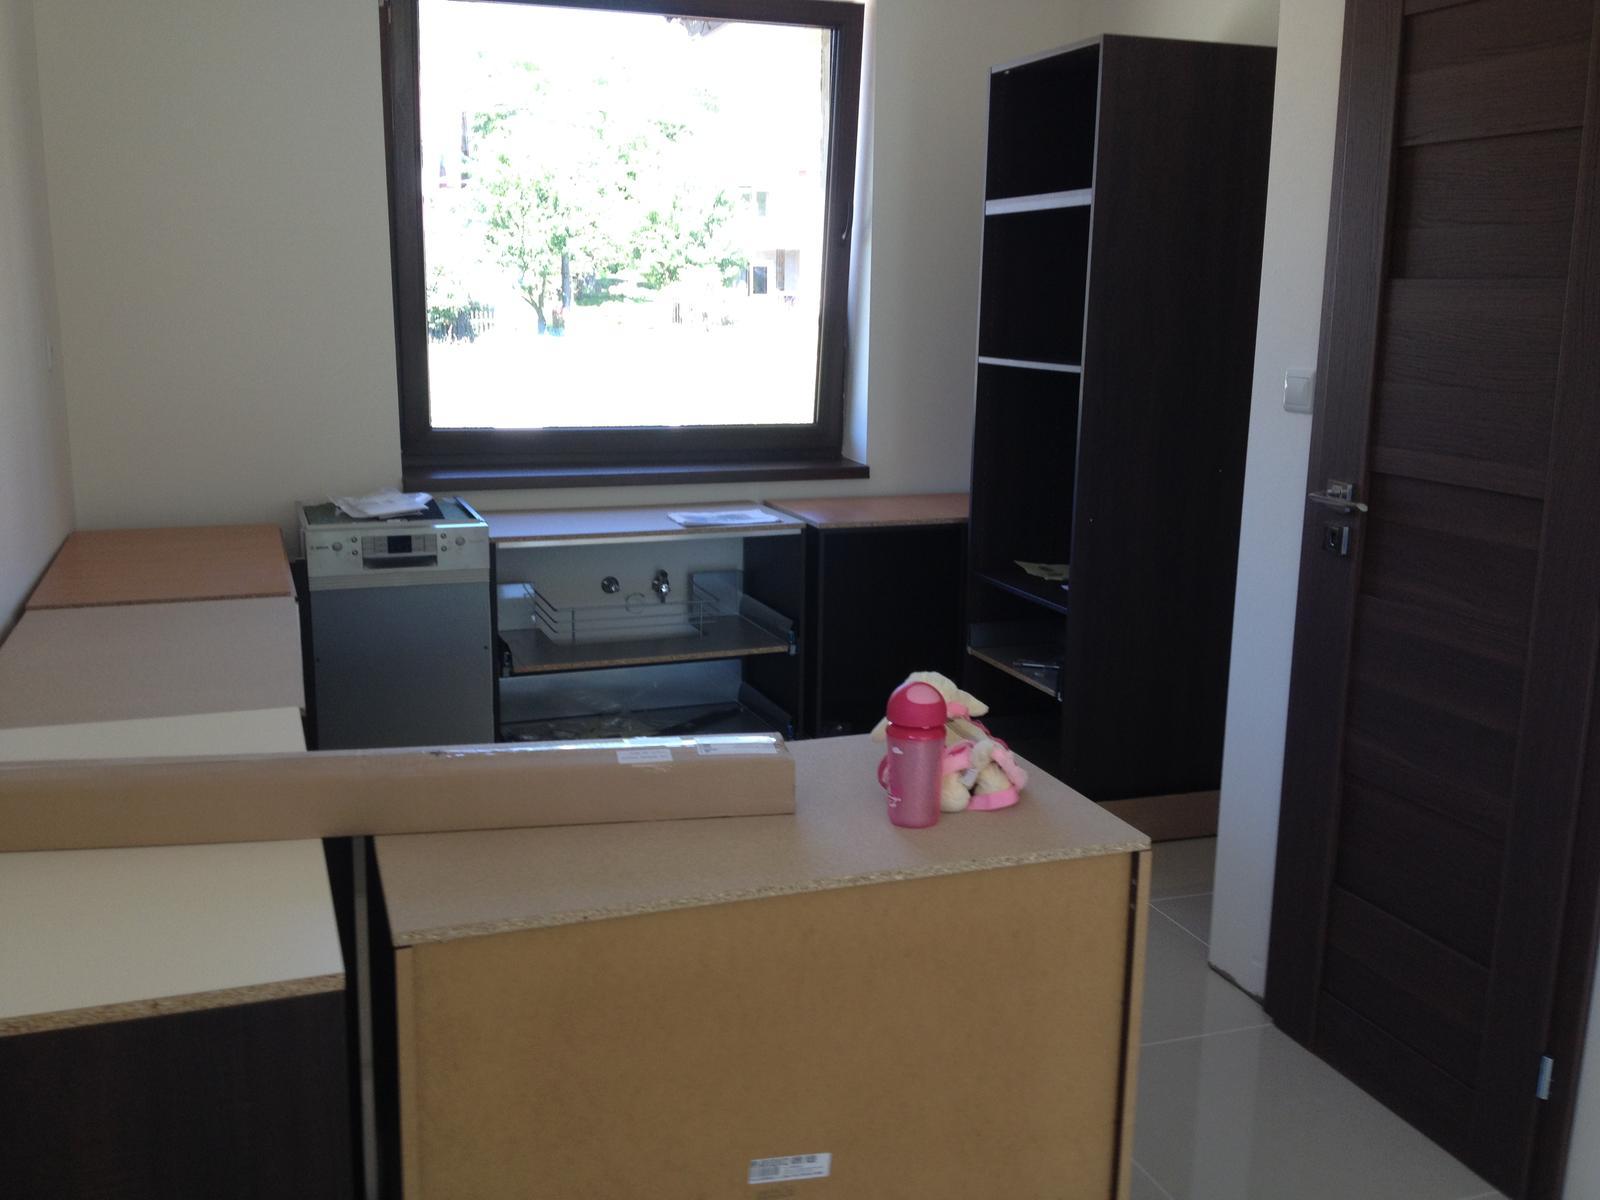 Bungalov 961 nas vysnivany domov :) - kuchyňa už sme saa troška snažili aspoň usporiadat tie skrinky